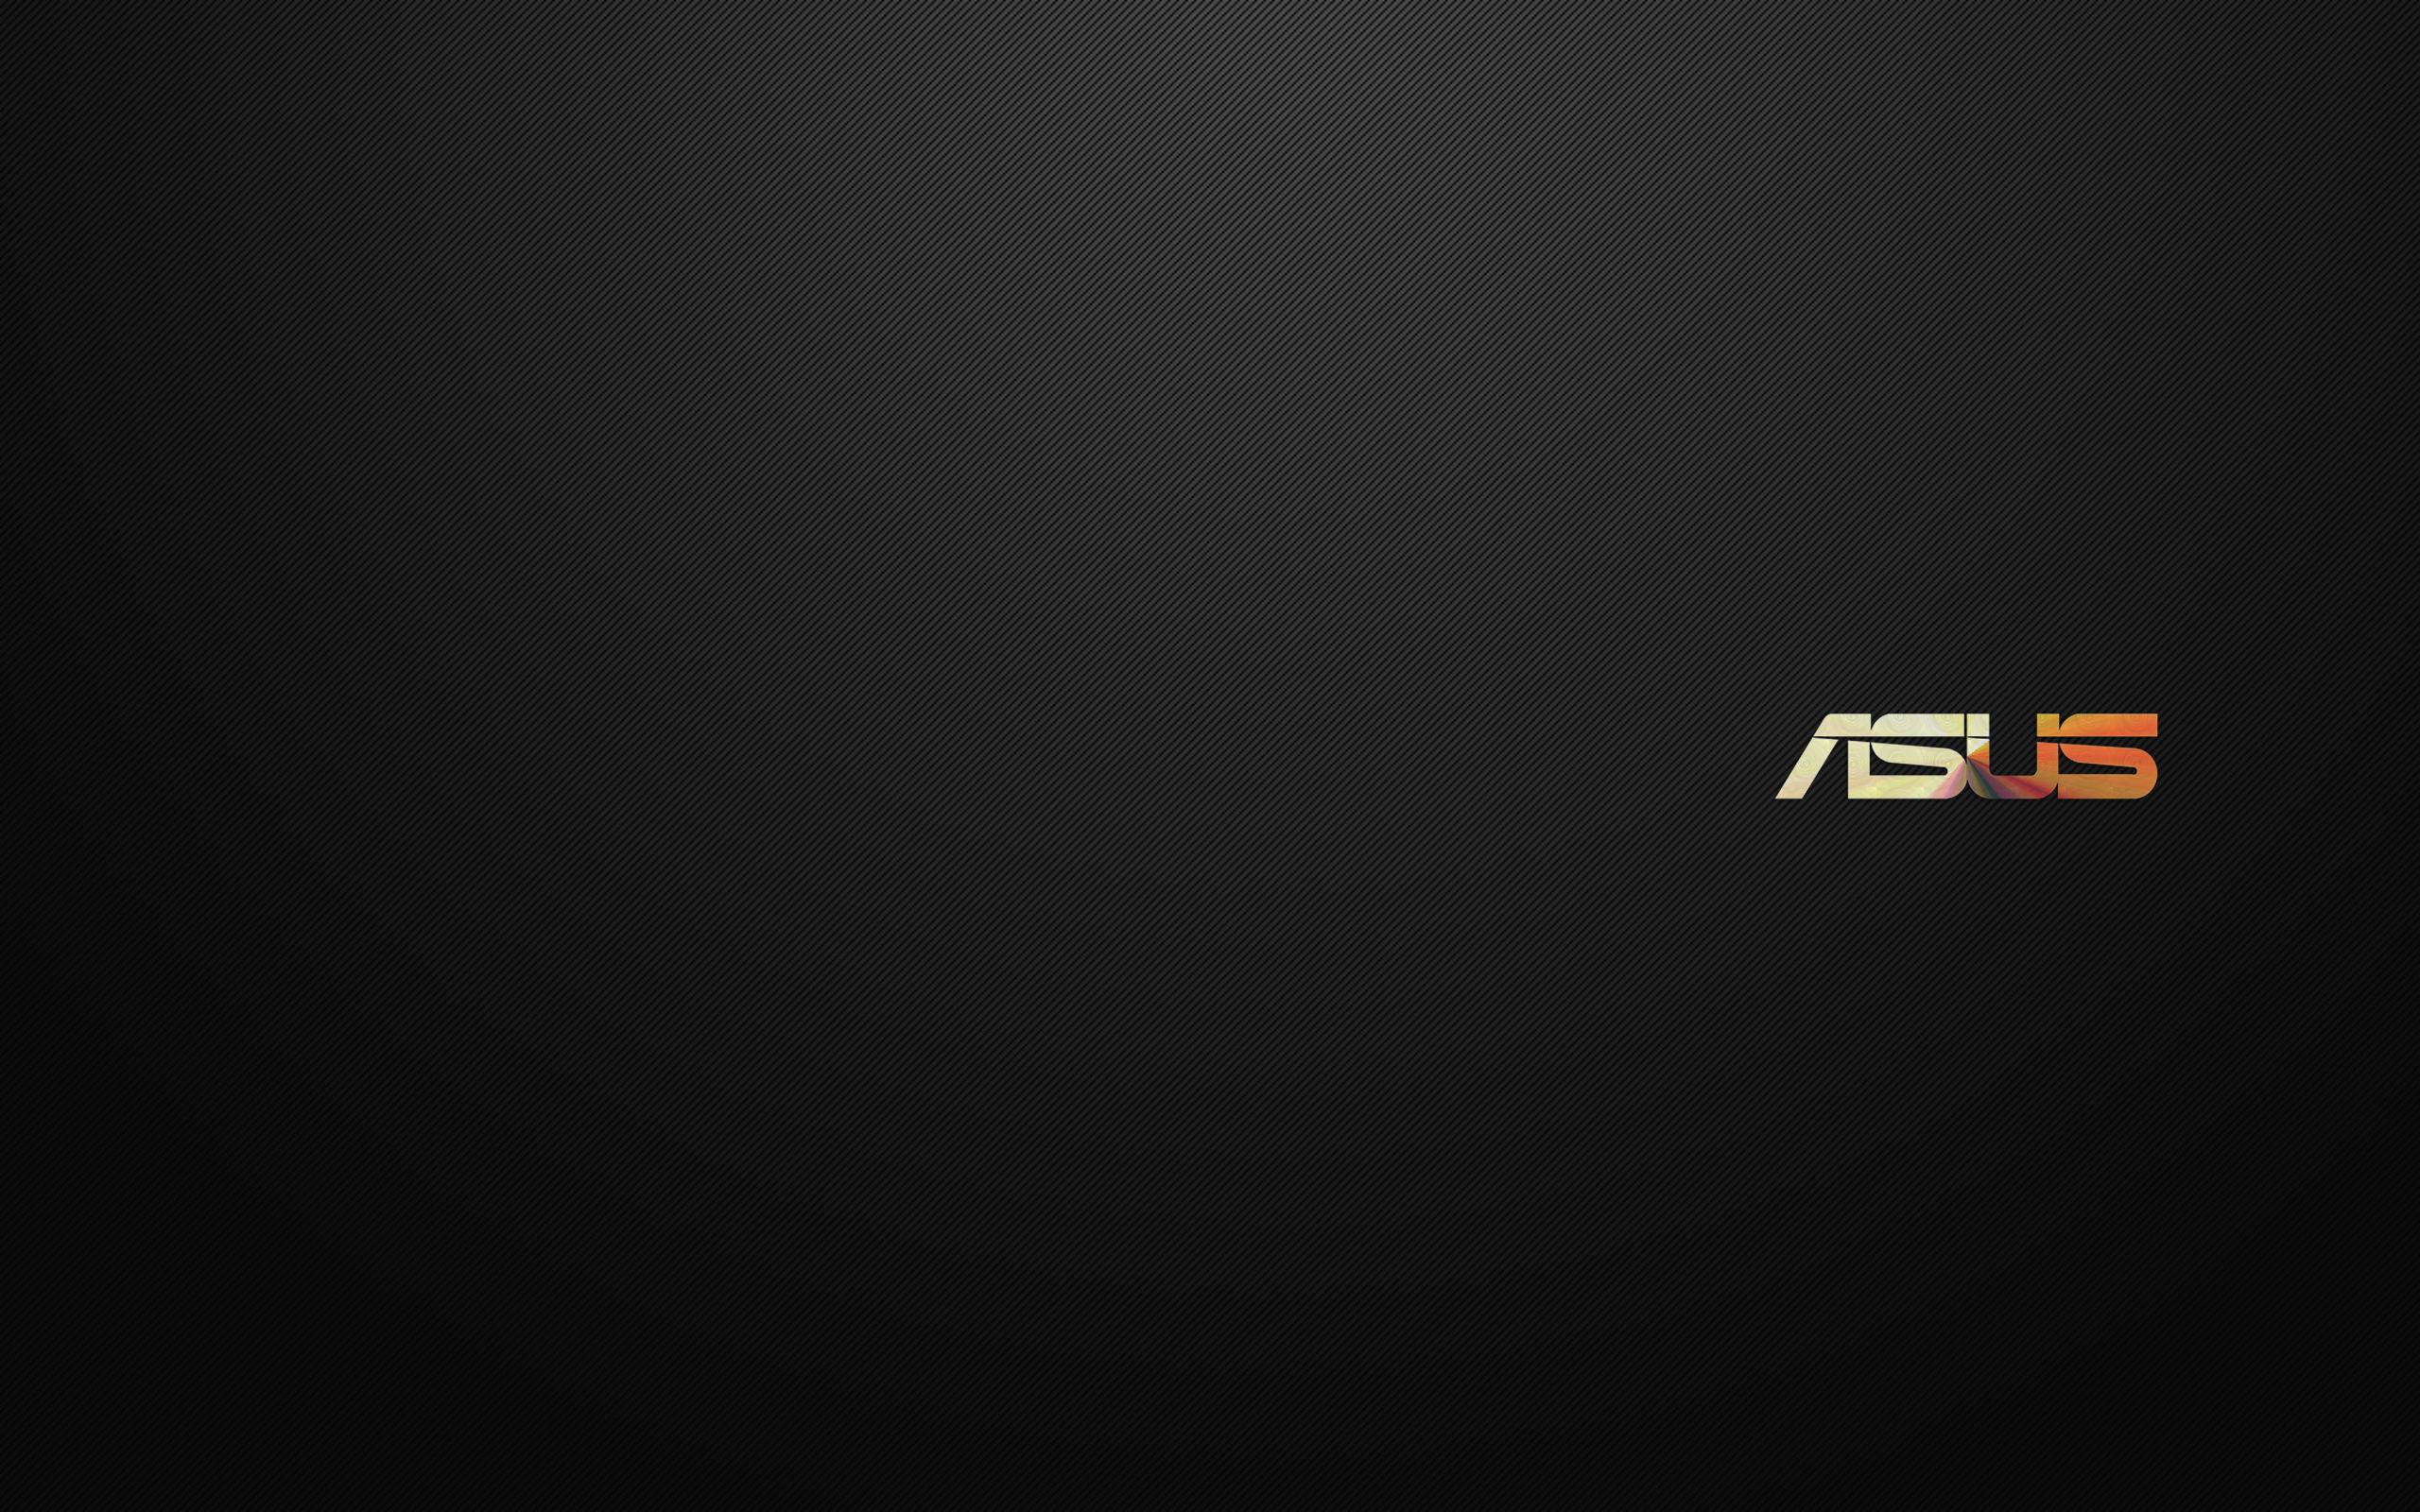 デスクトップ壁紙 Asus ロゴ デジタルアート 2560x1600 Bambam